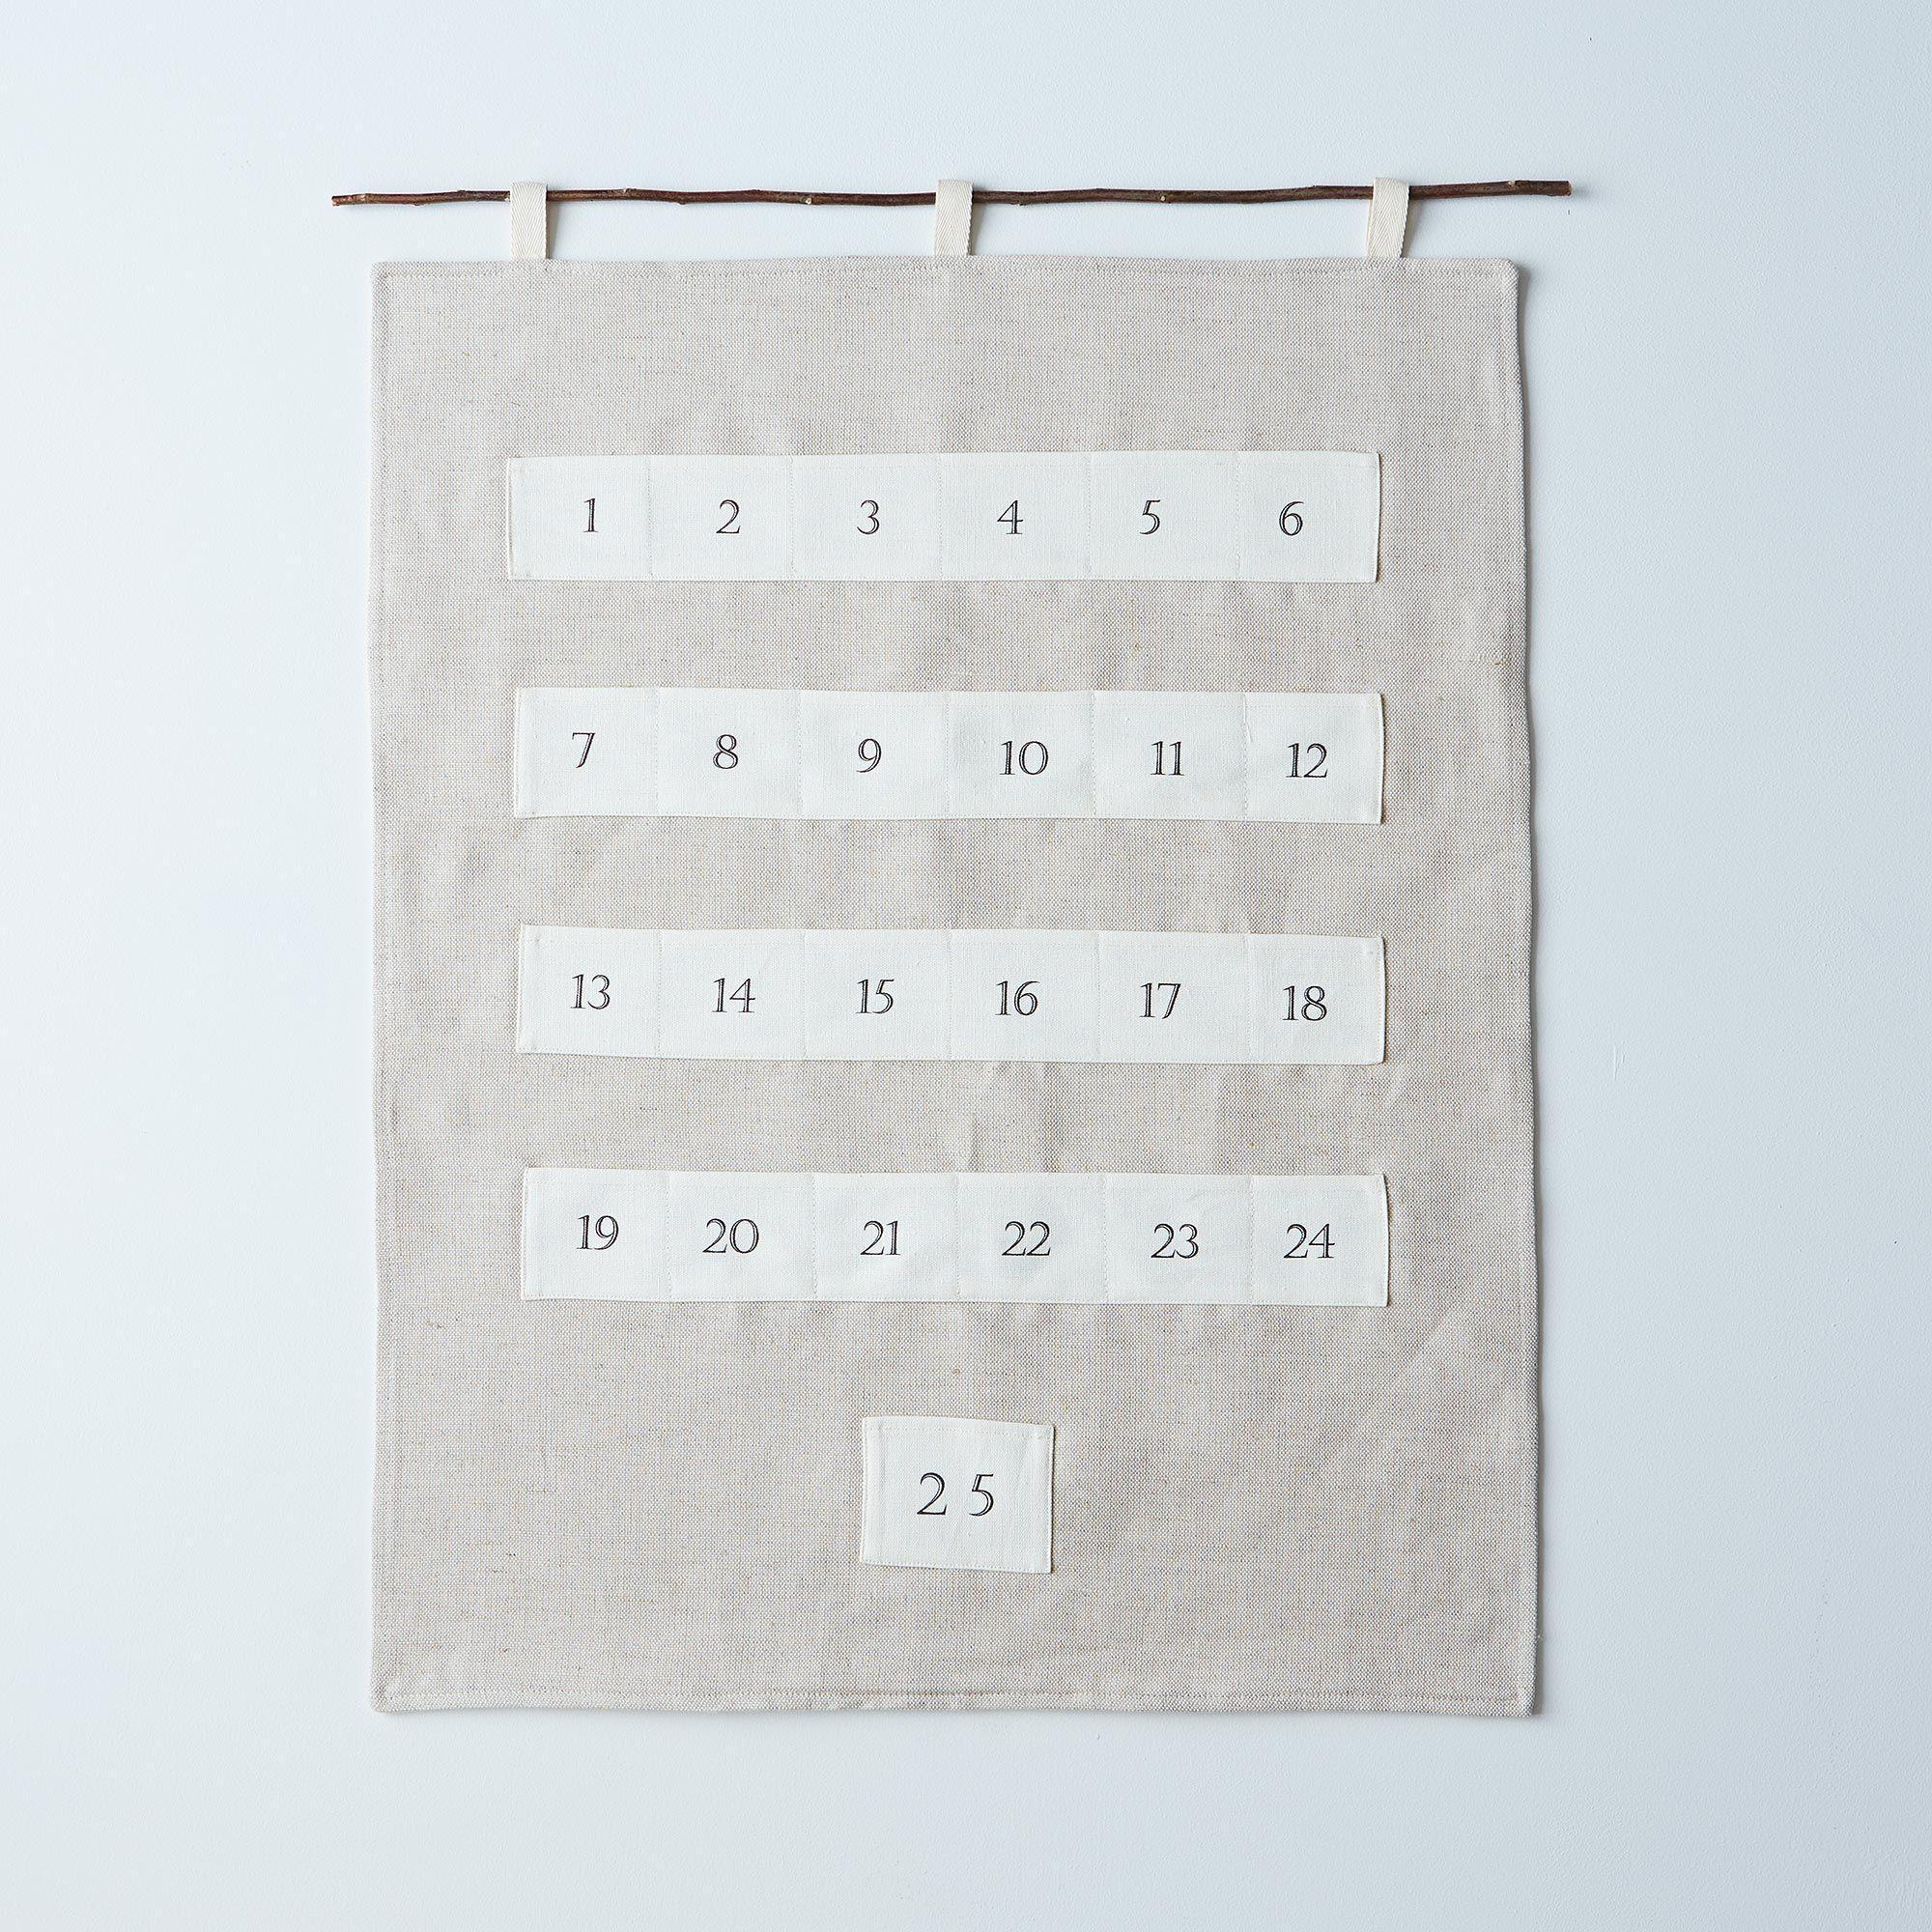 5 Ways To Fill An Advent Calendar